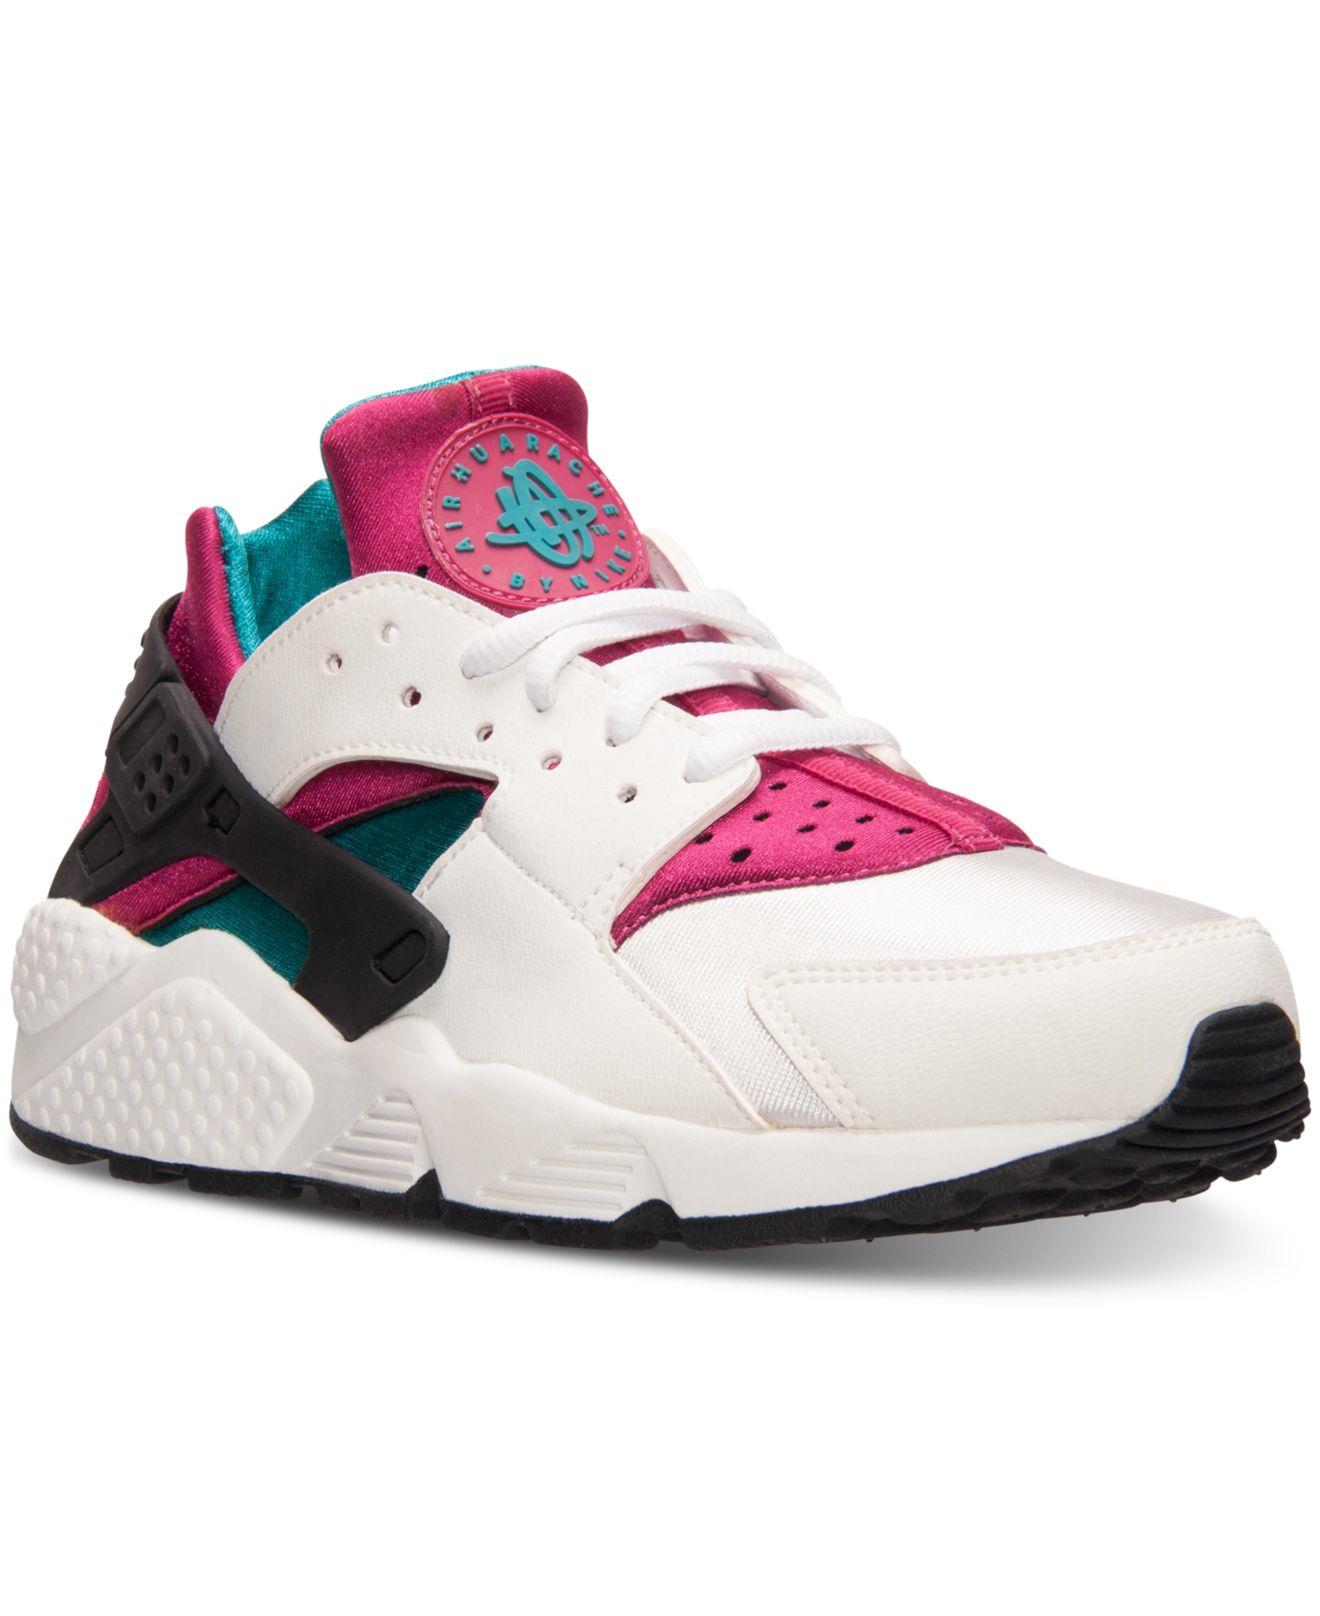 Lyst - Nike Women s Air Huarache Run Running Sneakers From Finish ... d3420e16d5e4